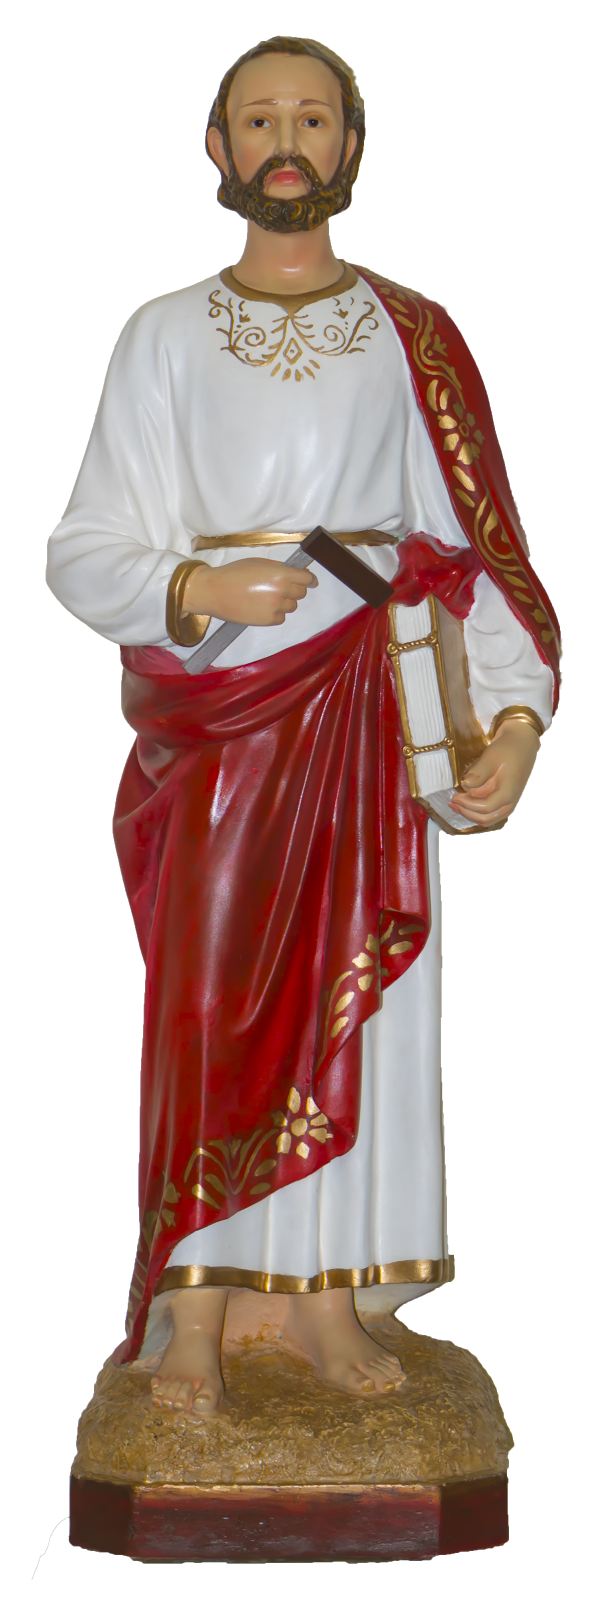 SAN JUDAS TADEO APOSTOL, DEL NUMERO DE LOS DOCE